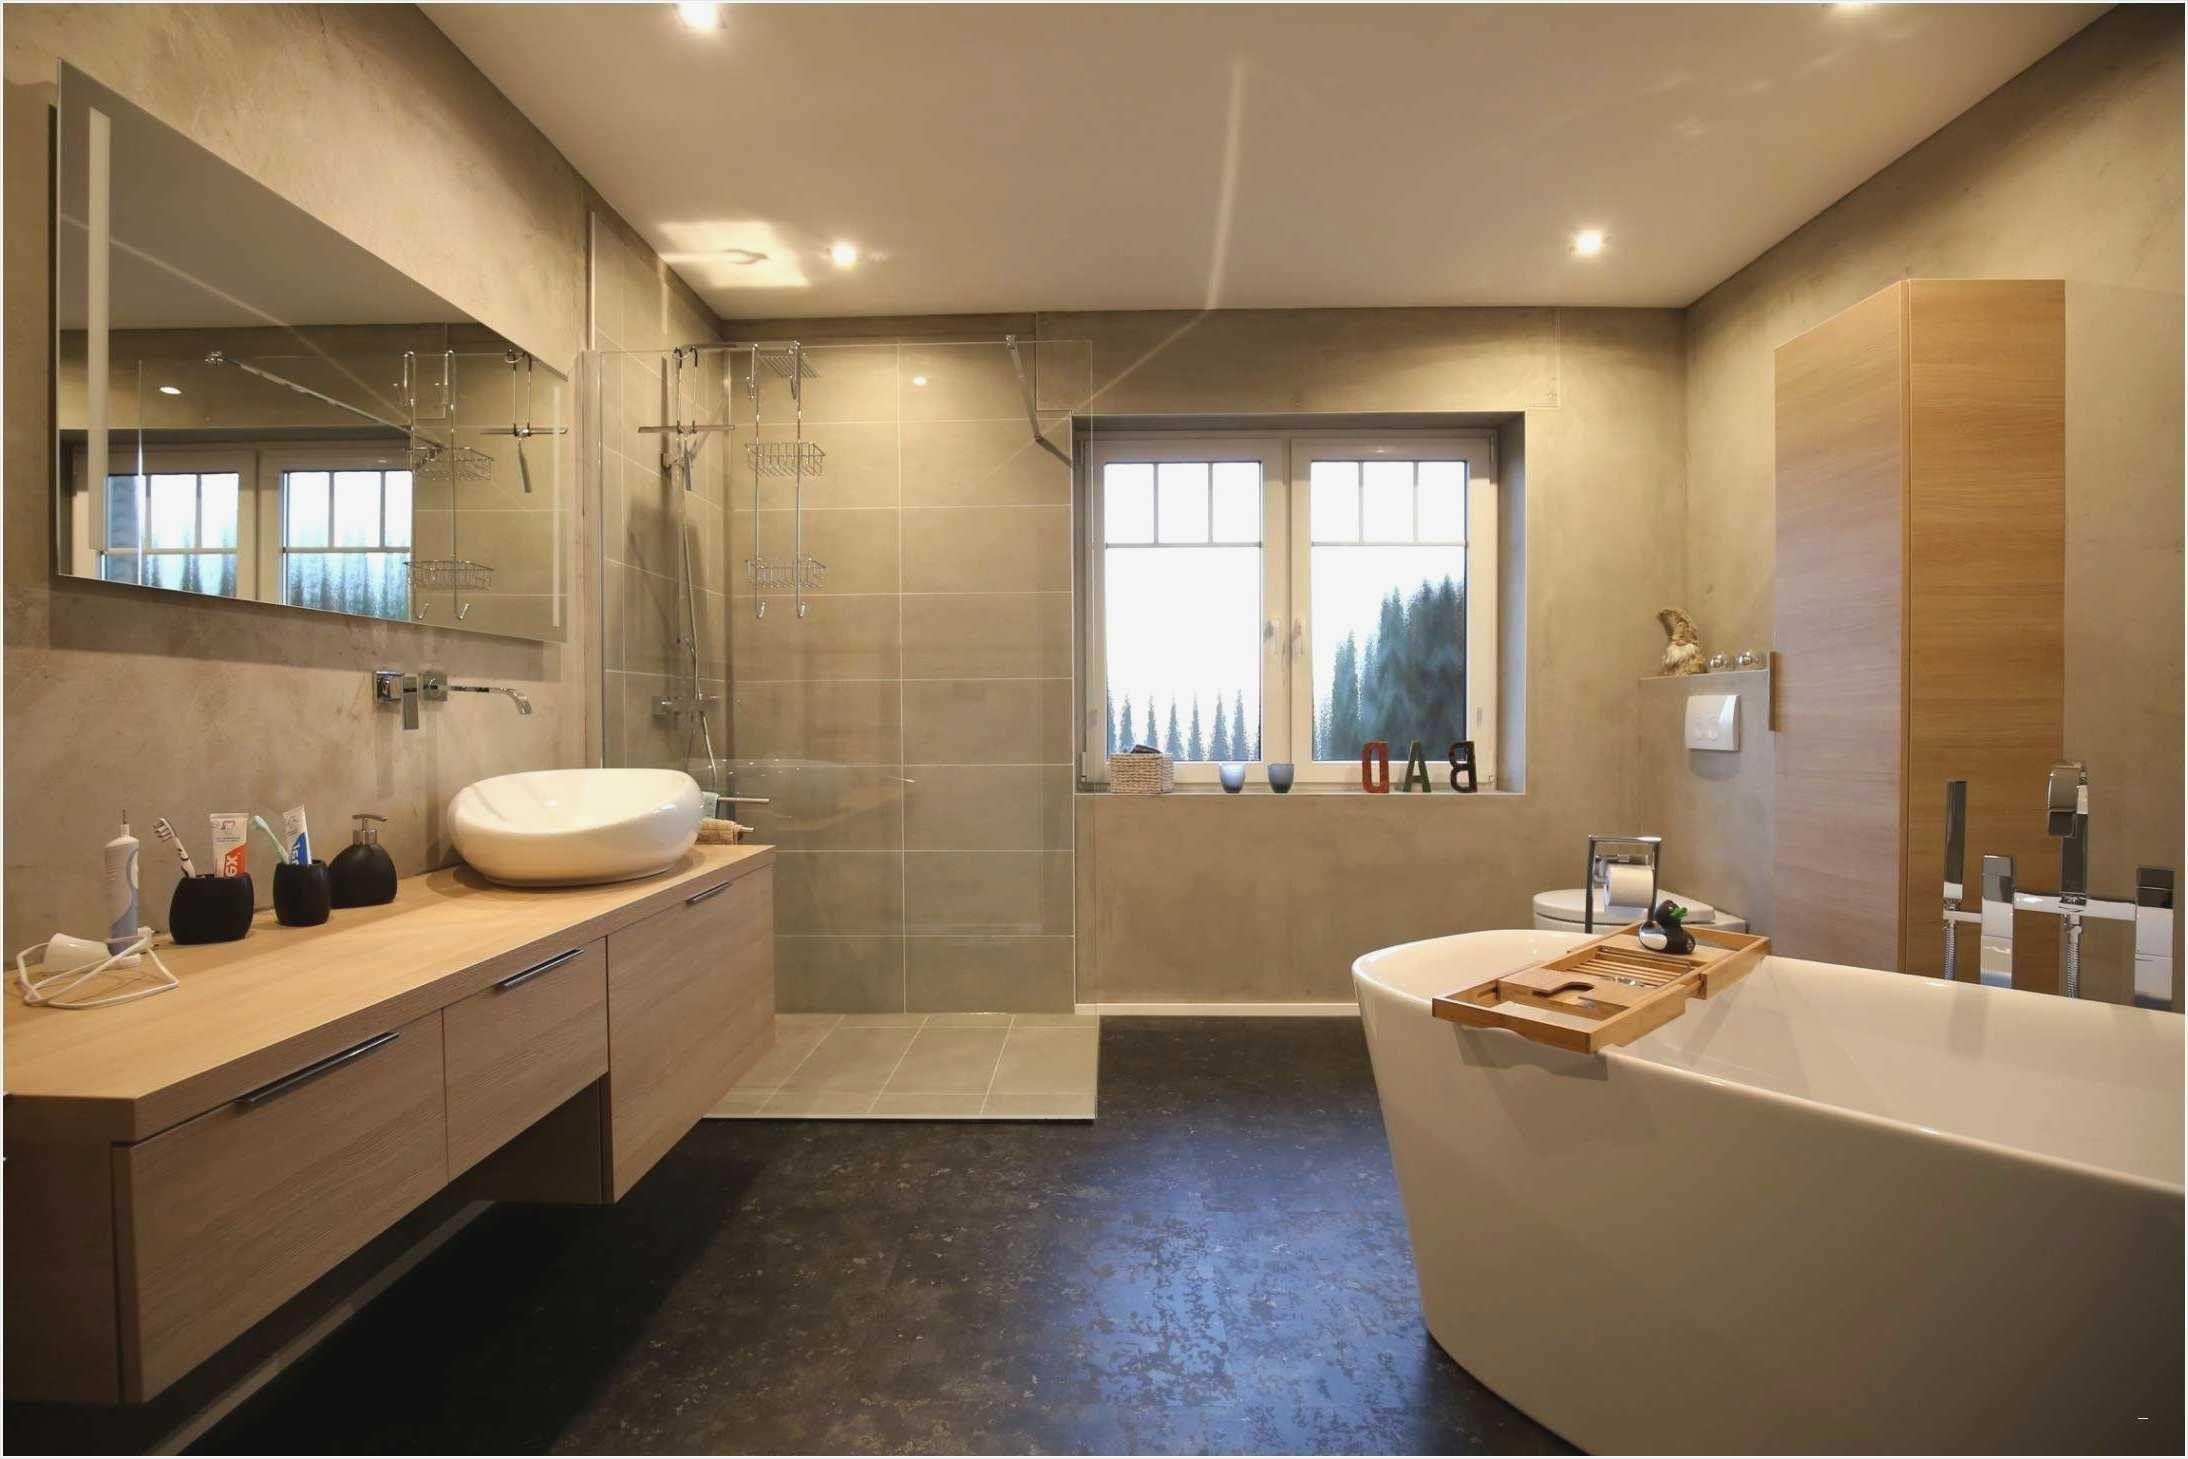 10 Toom Baumarkt Badezimmer Fliesen Badezimmer Ideen Eintagamsee Kosten Badezimmer Badgestaltung Badezimmerboden